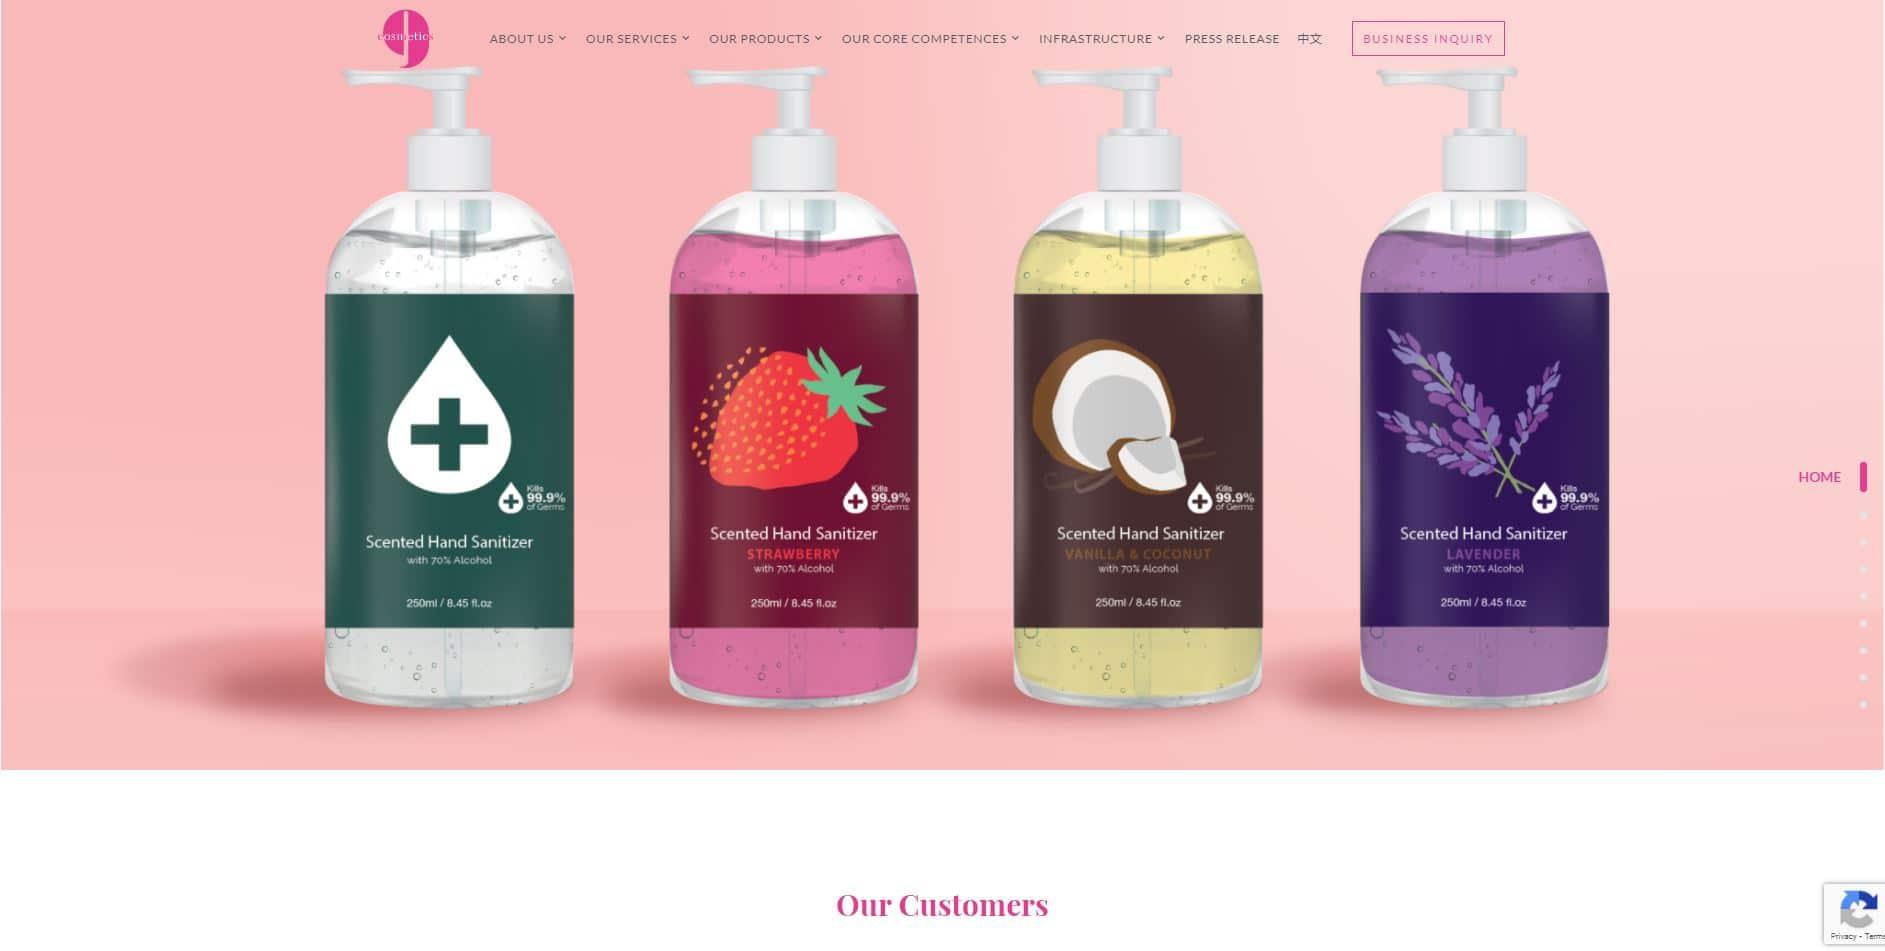 Global-cosmetics.com